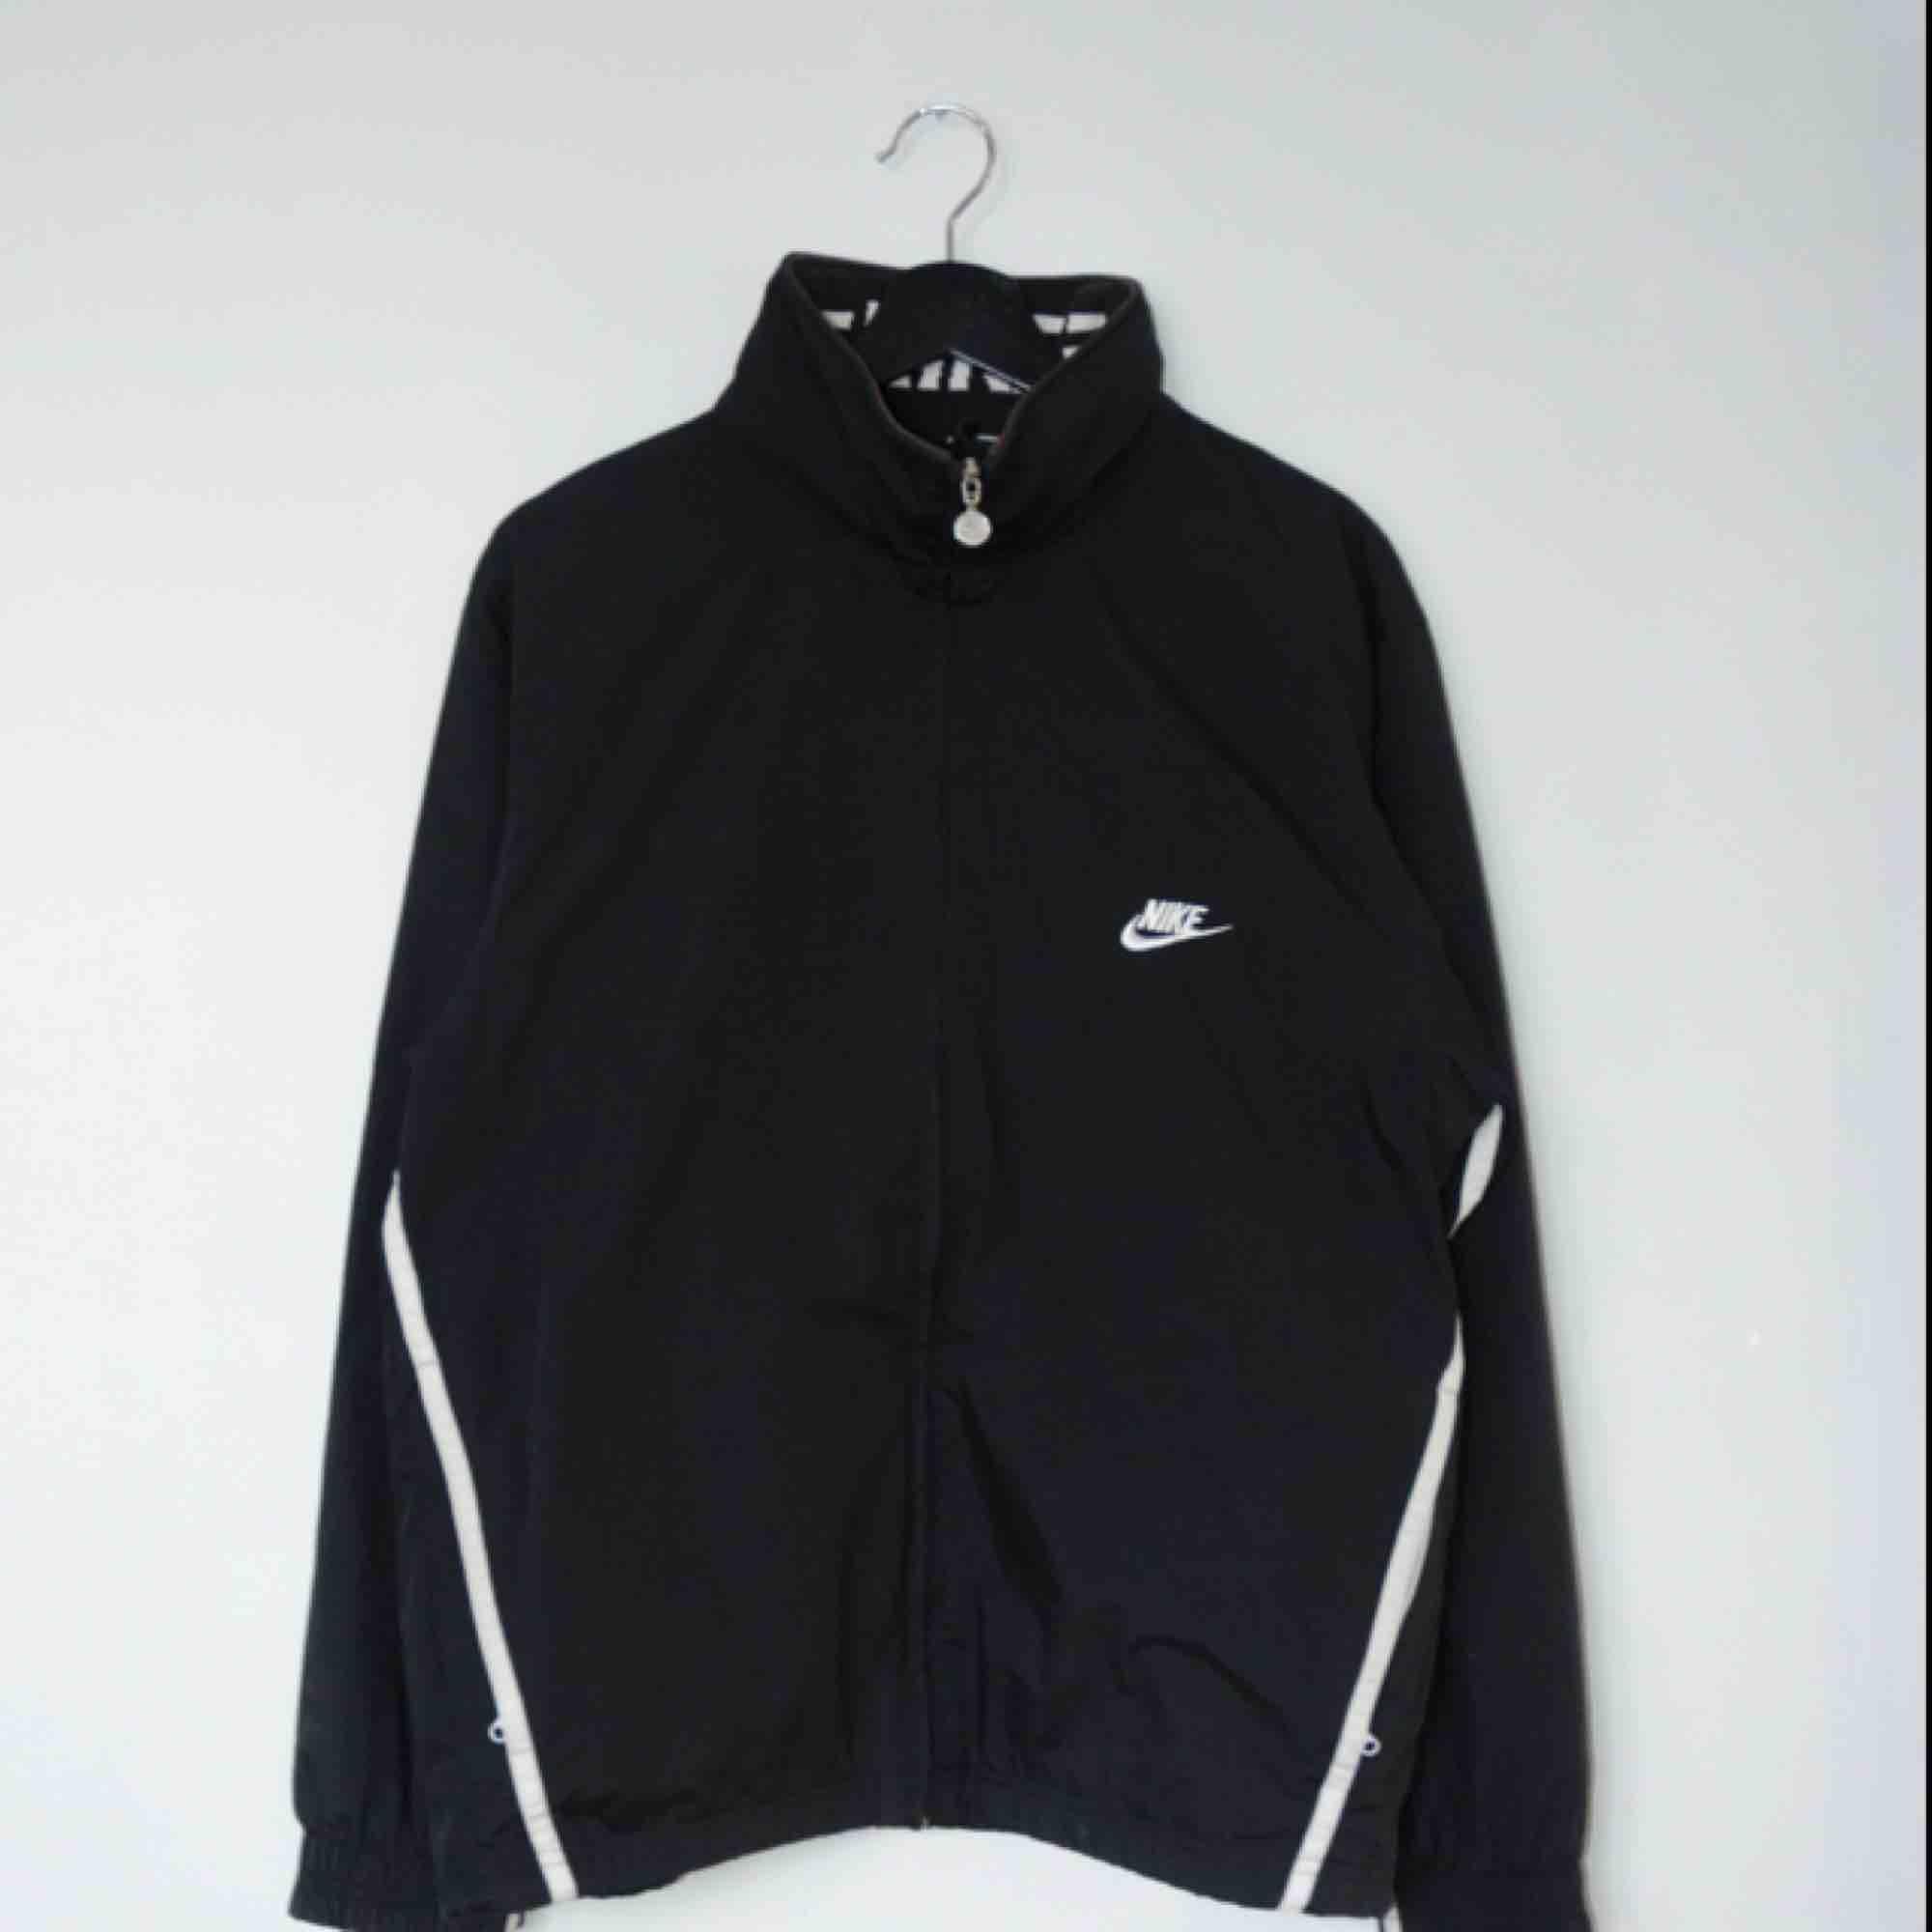 Säljer en vintage svart Nike trackjacket/windbreaker! Den har en ihopfällbar luva och en insida i mesh!  Size: Medium Cond: 8/10 (gott skick). Jackor.